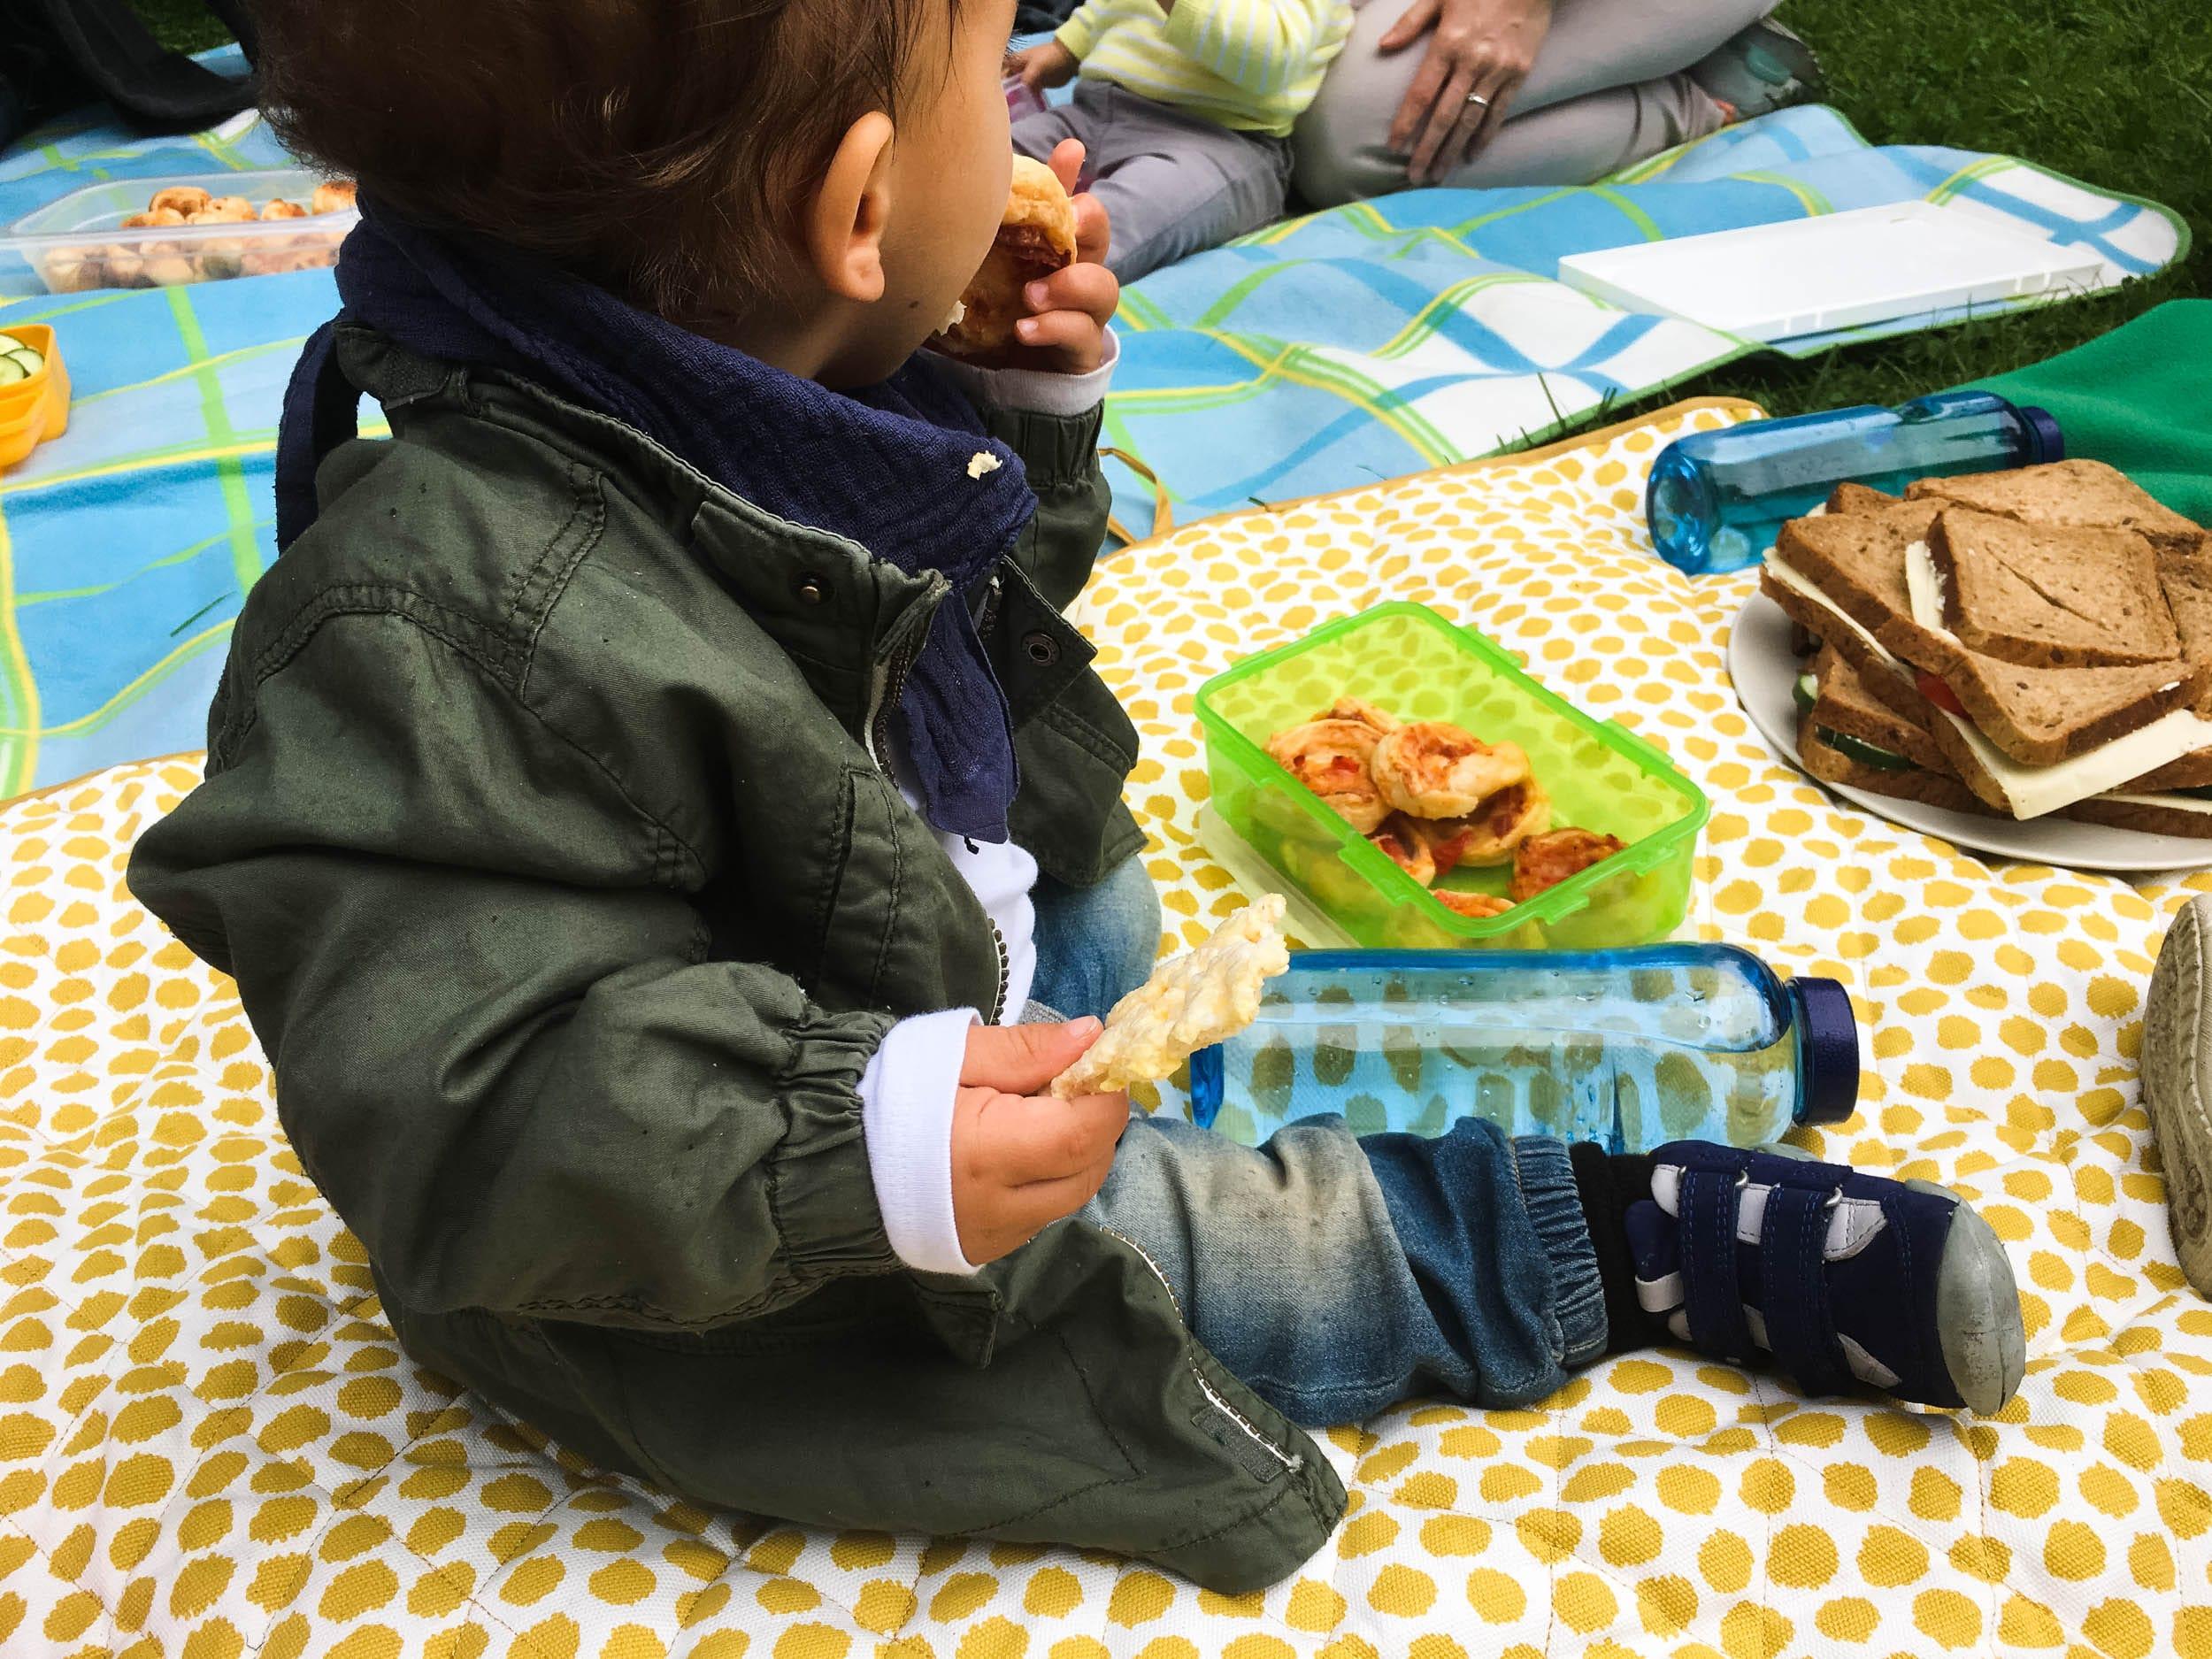 Wochenende in Bildern | Leben mit Kind | Alltag | Picknick | KiTa | Pizzaschnecken | ivy.li